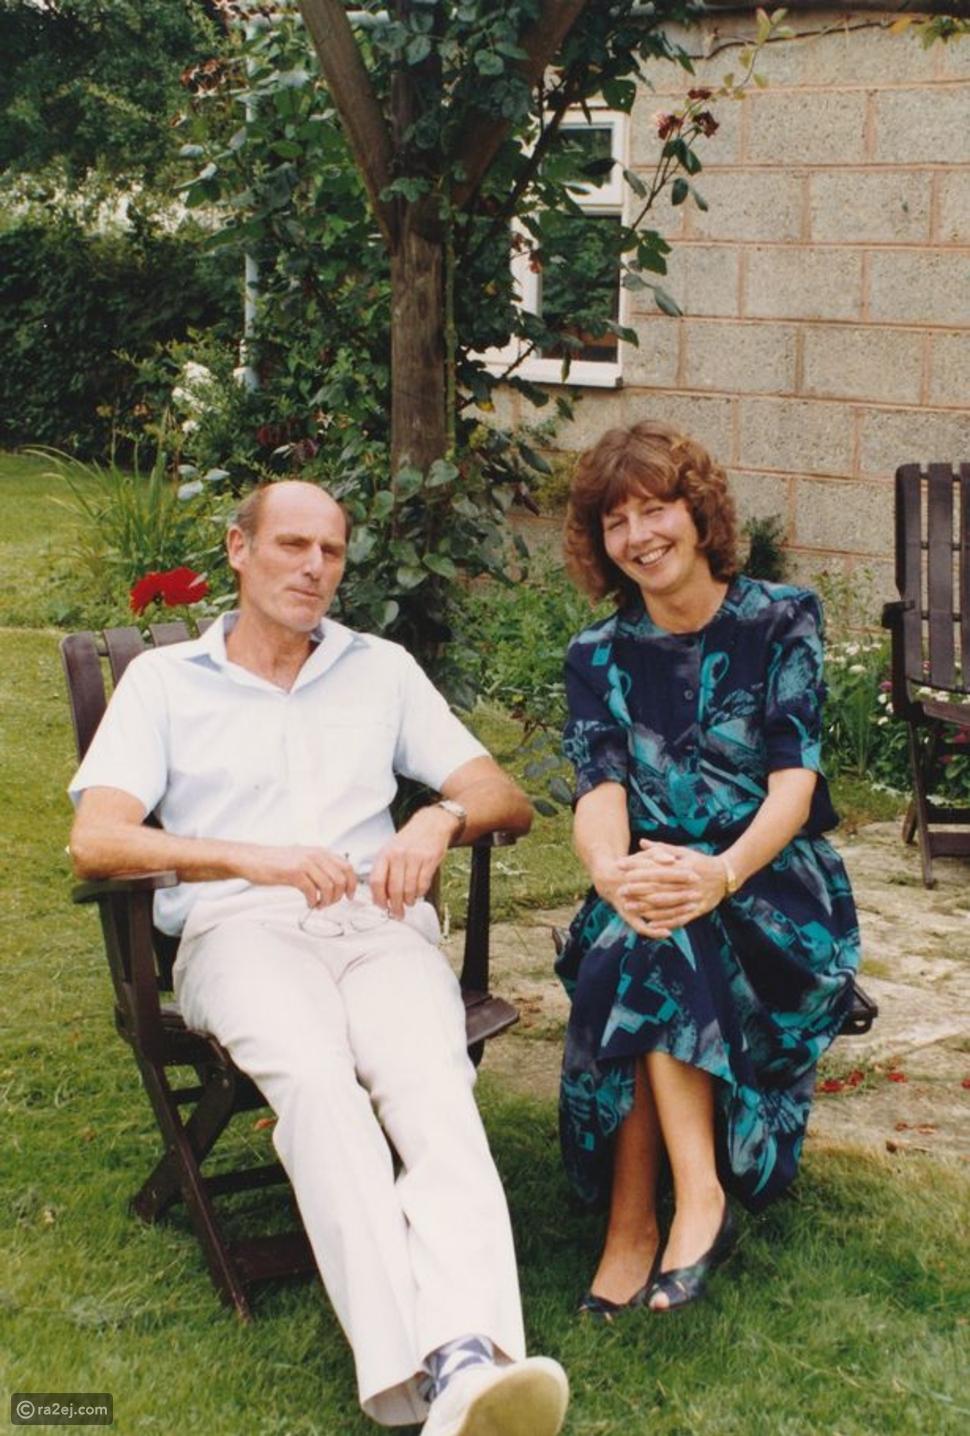 عجوز شعر بالوحدة بعد وفاة زوجته: قام بأغرب وسيلة للبحث عن شريك جديد